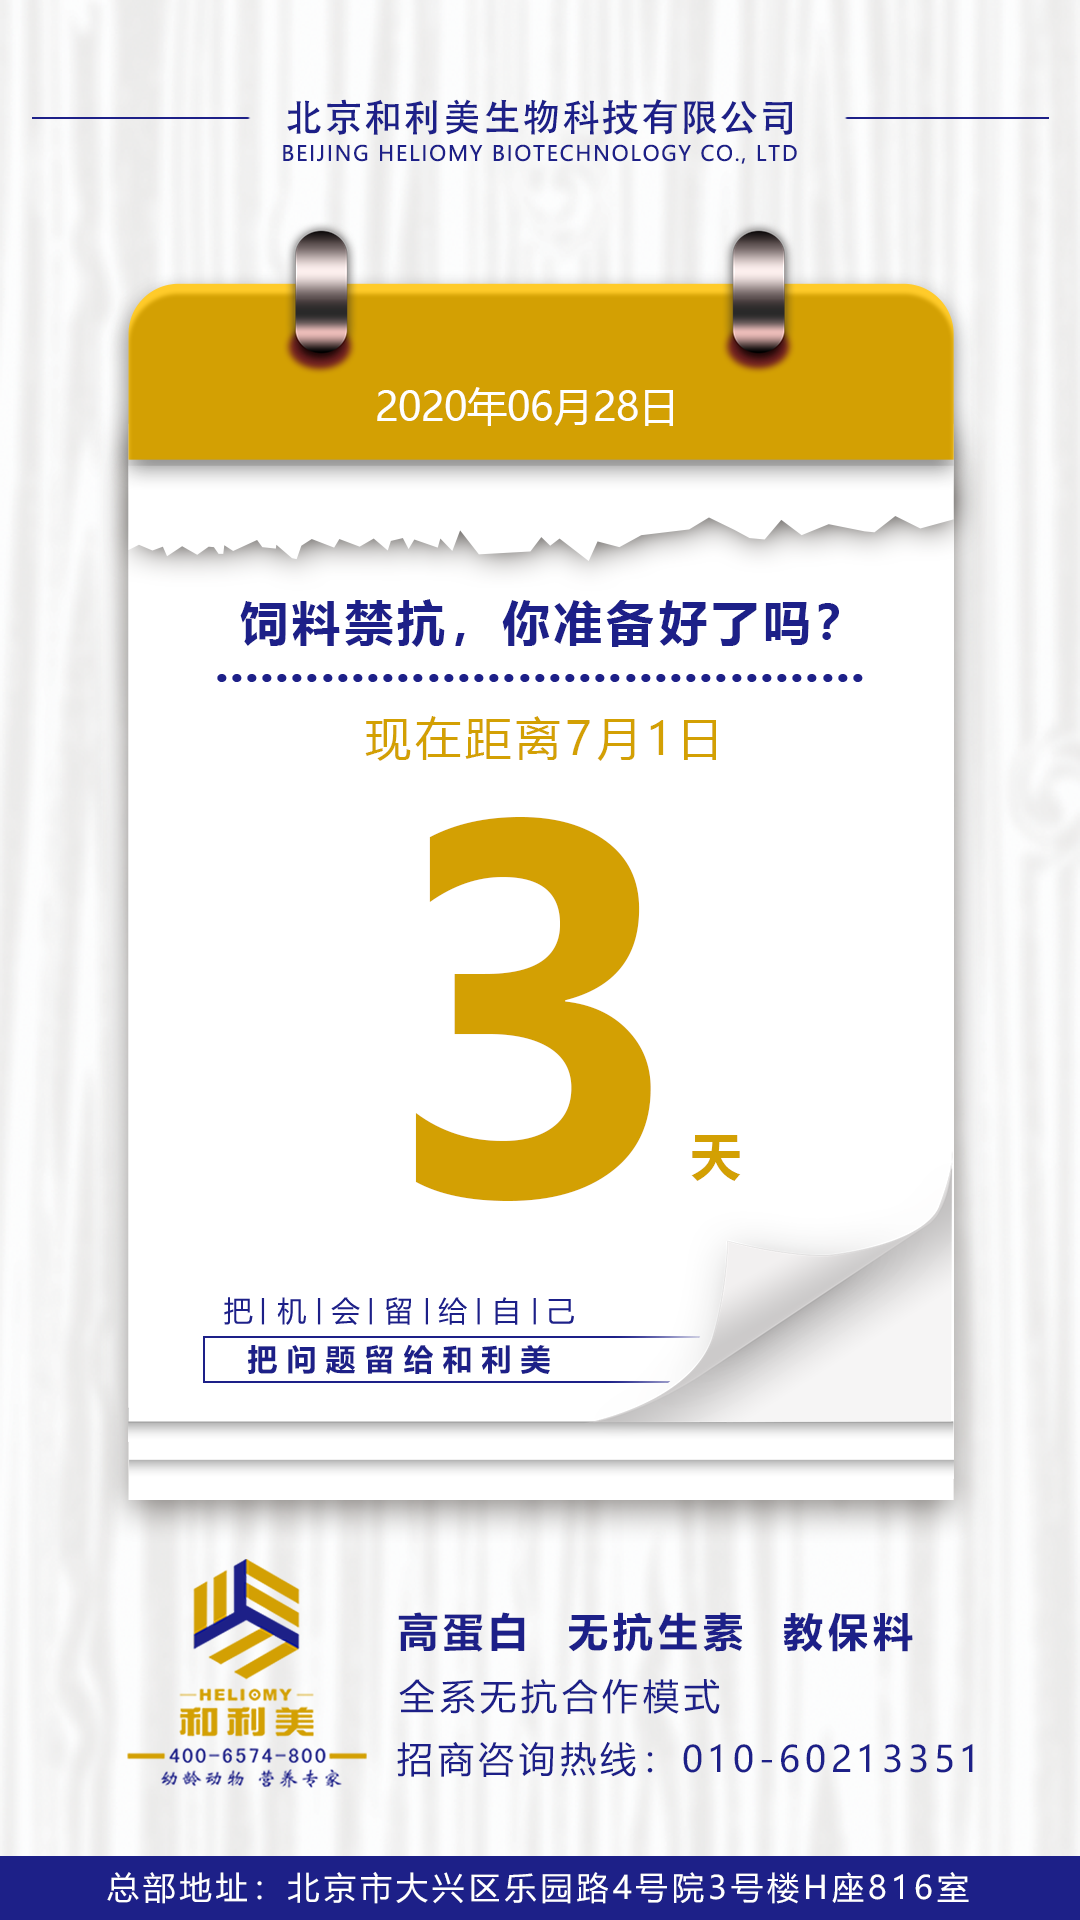 特大喜讯!北京这家科技企业荣获中国驰名品牌!